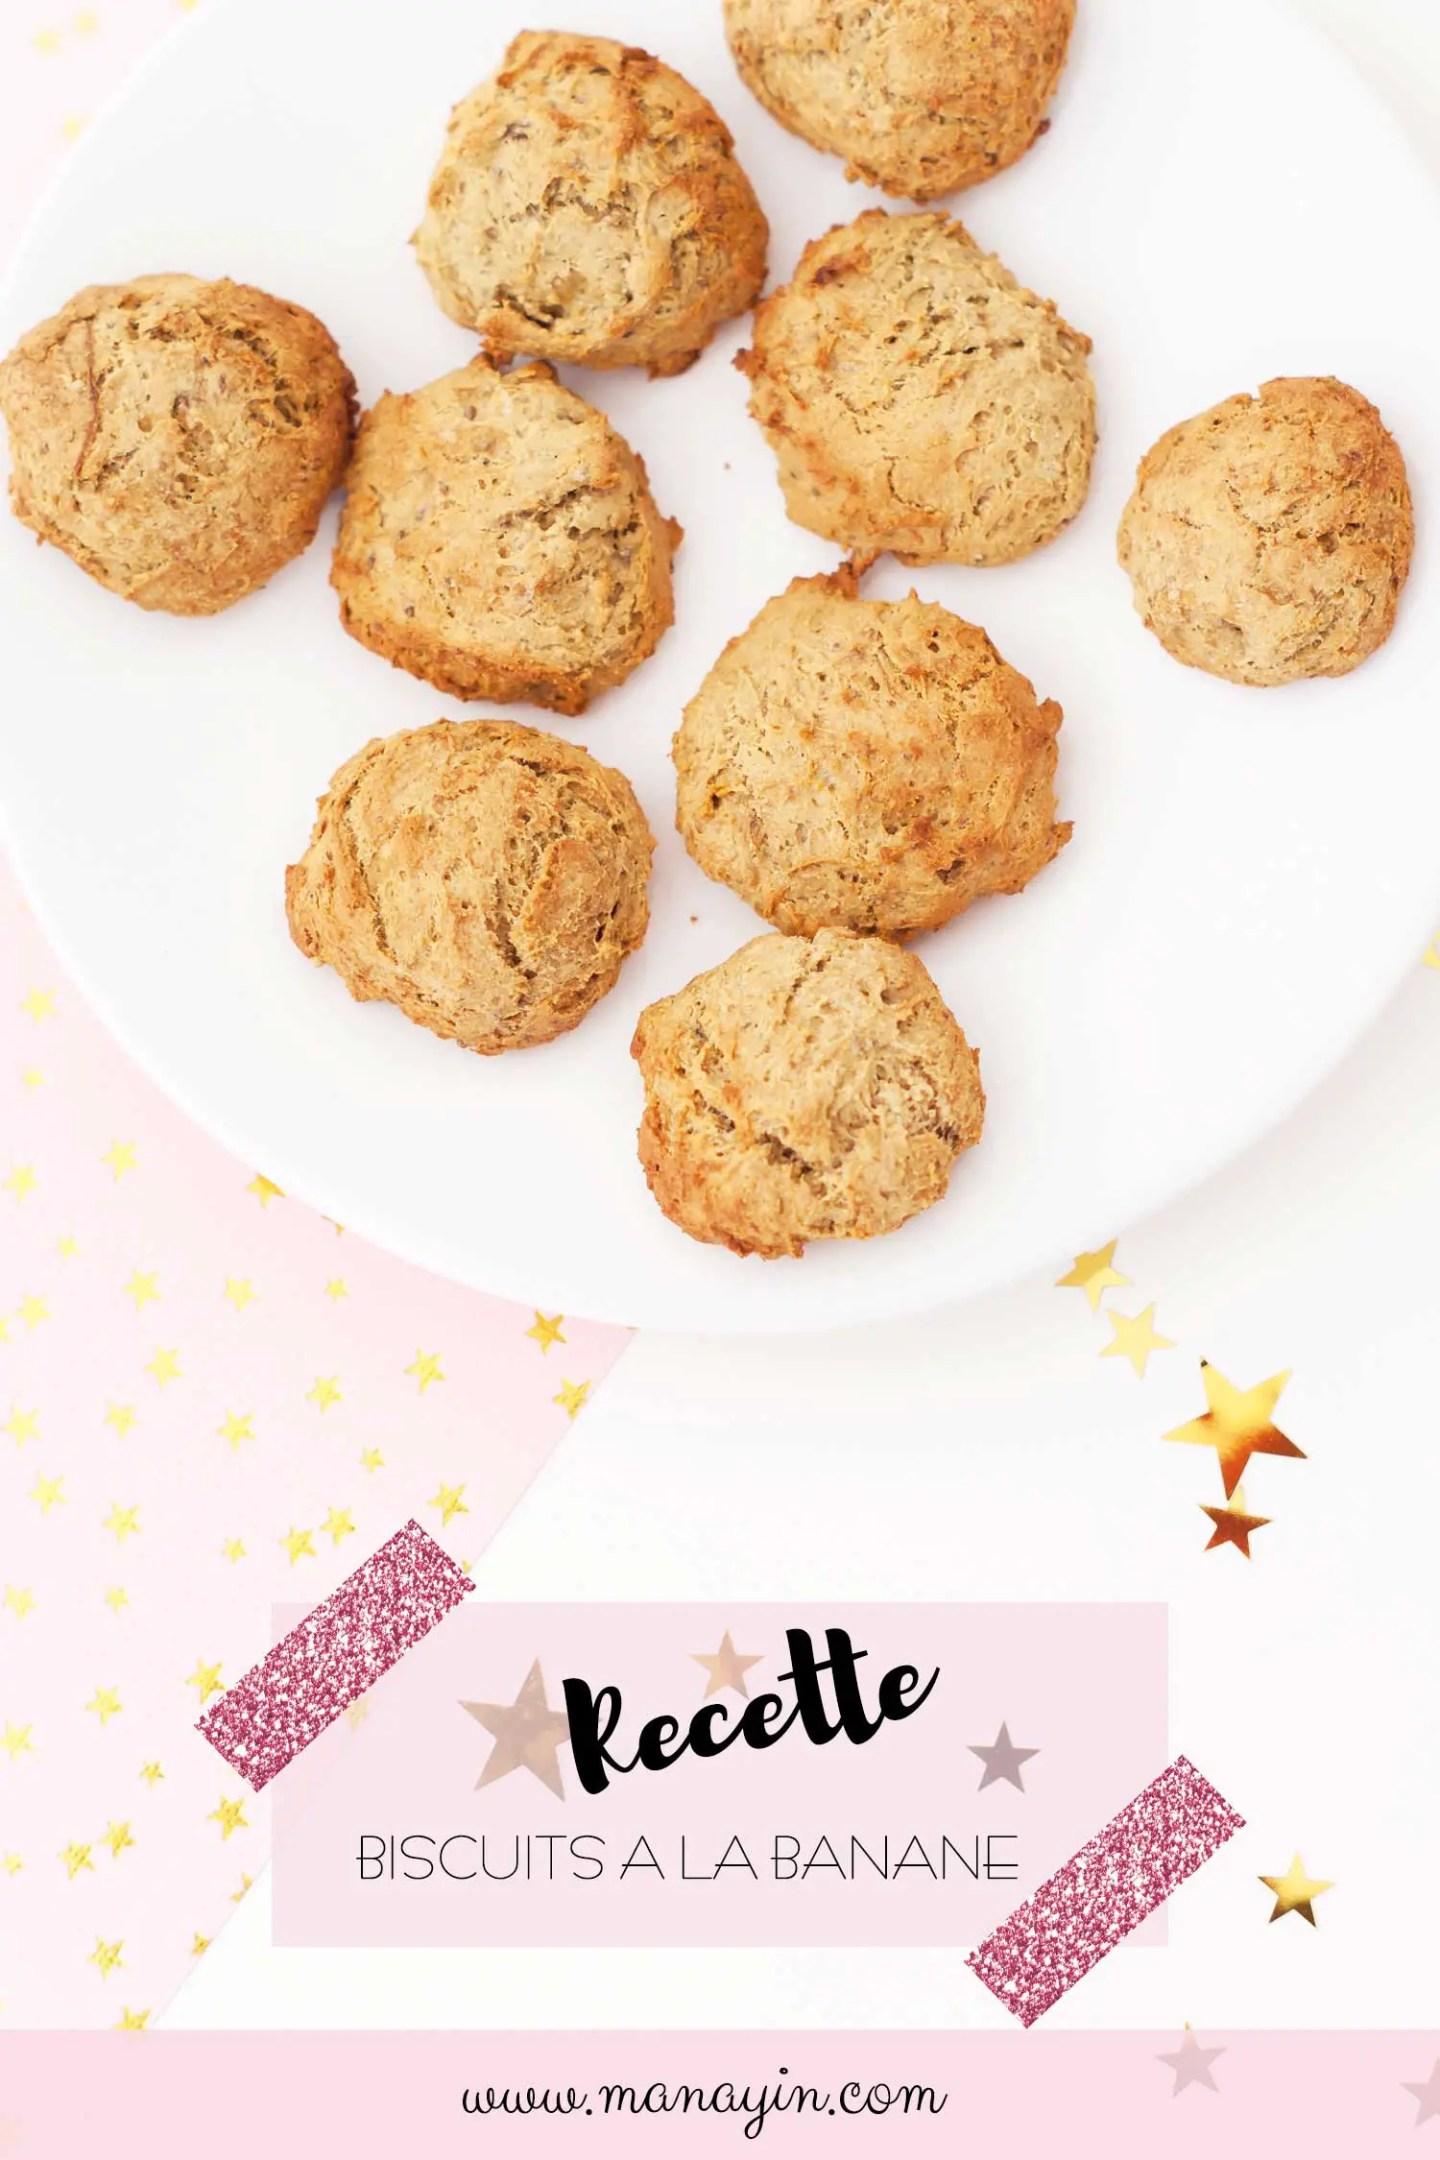 Recette biscuits à la banane